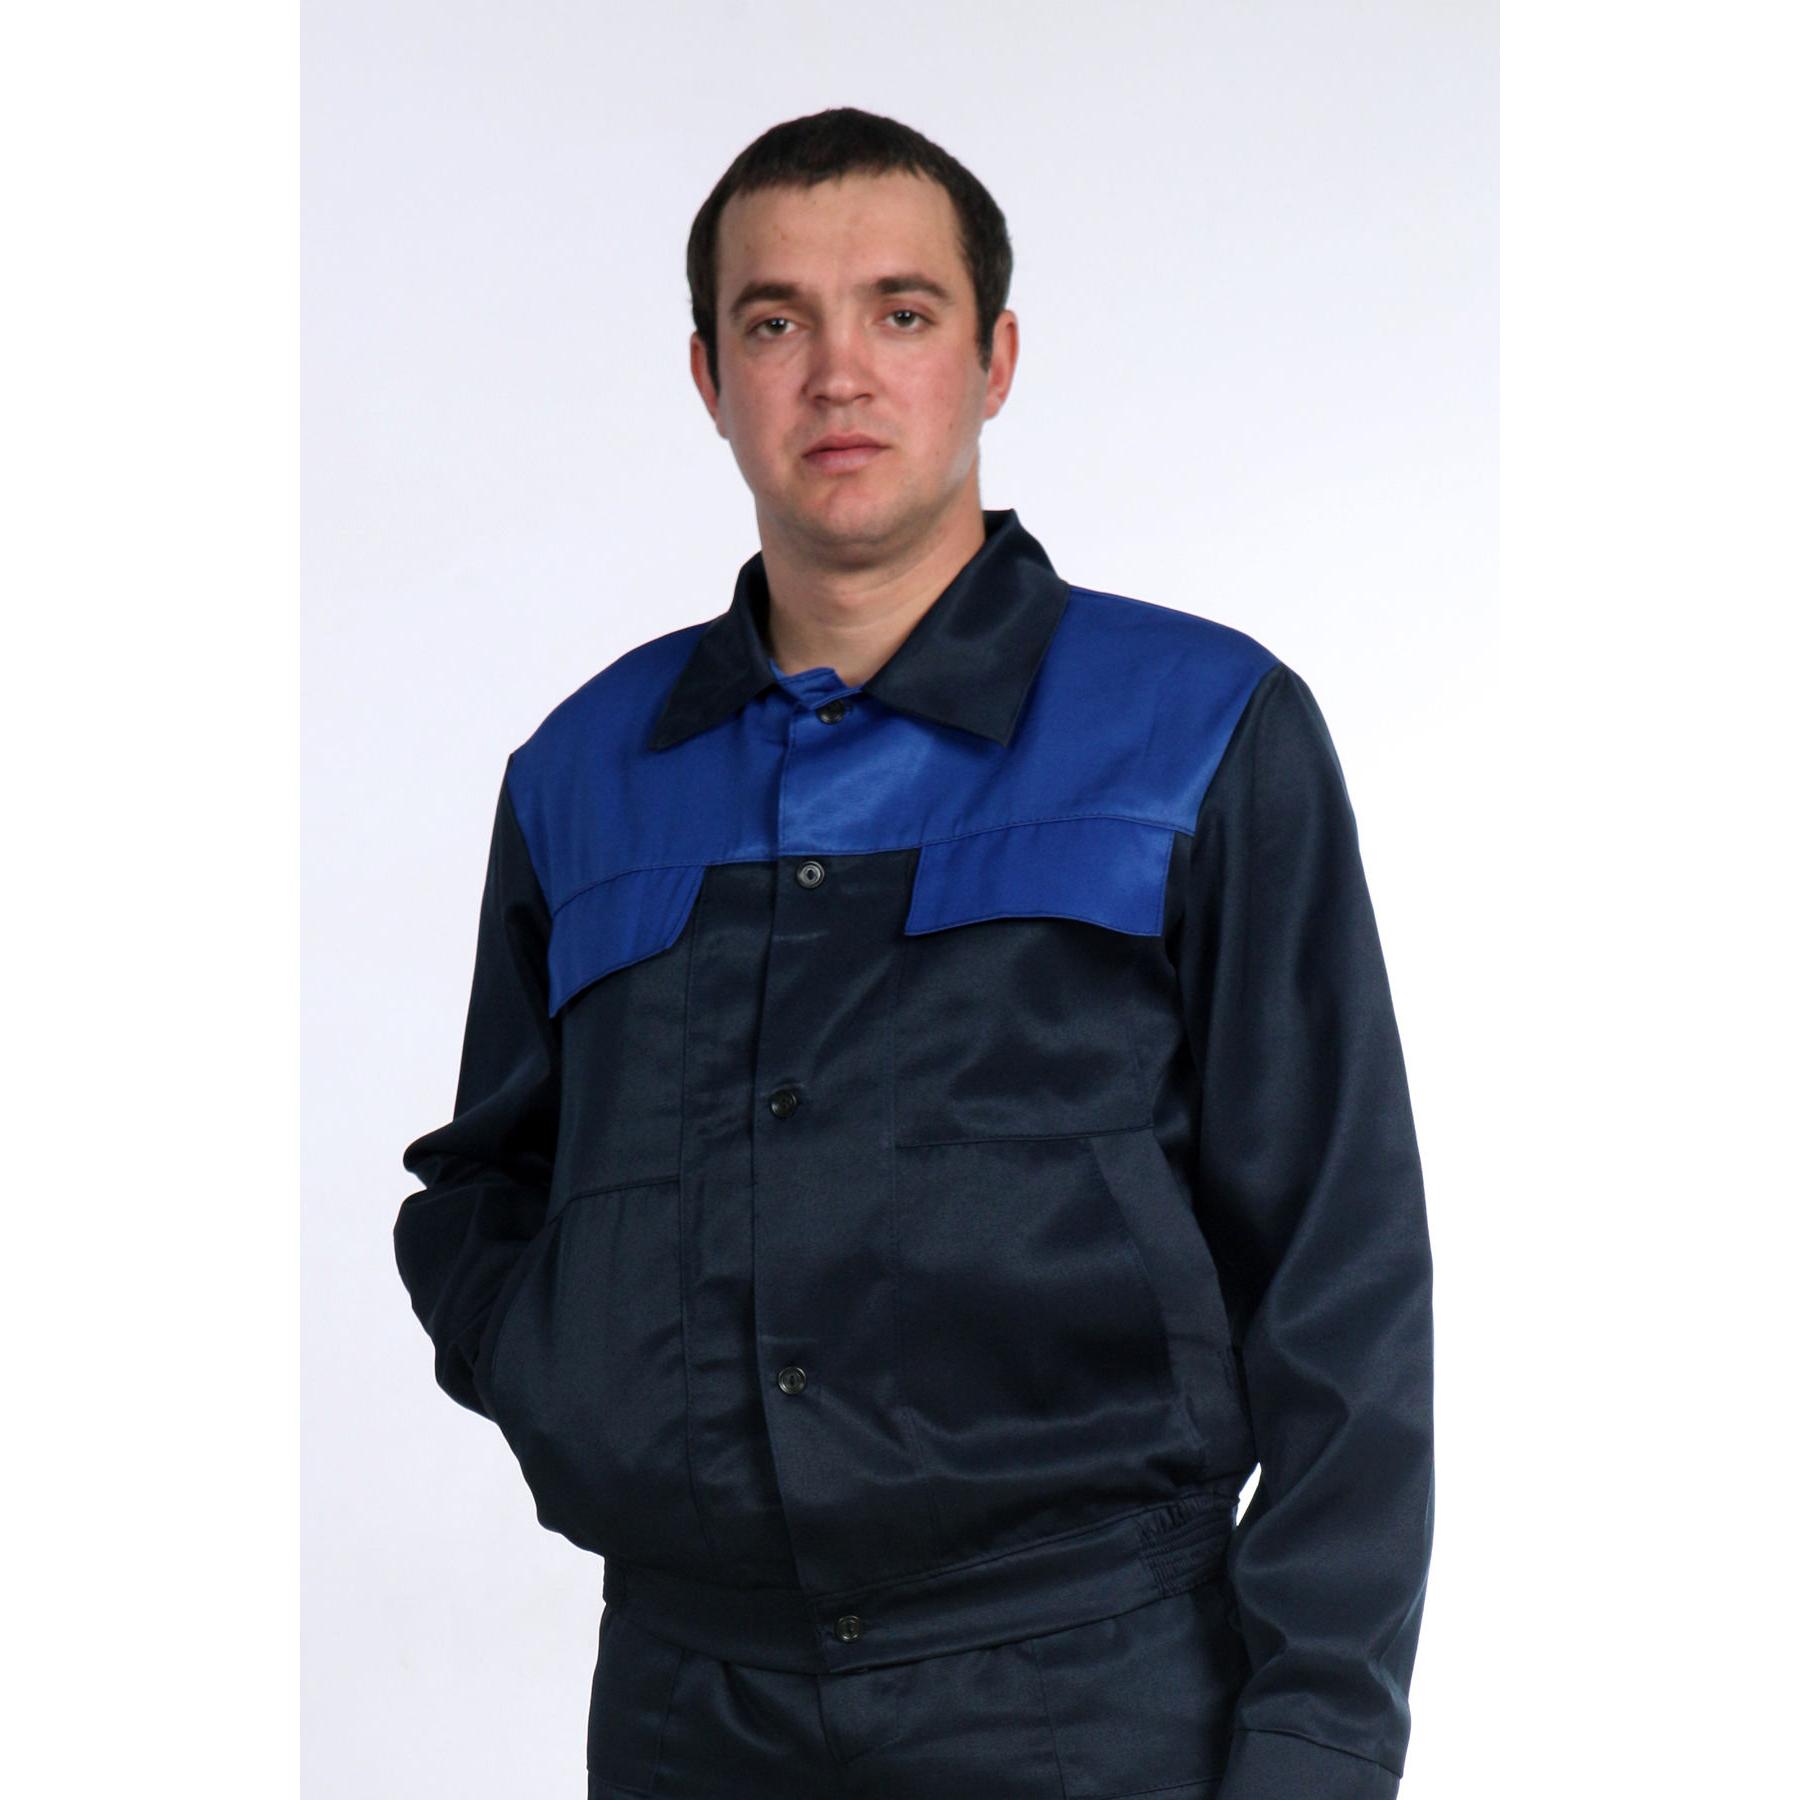 Мужской костюм «Техник», размер 62Последние размеры<br><br><br>Тип: Муж. костюм<br>Размер: 62<br>Материал: Смесовая ткань